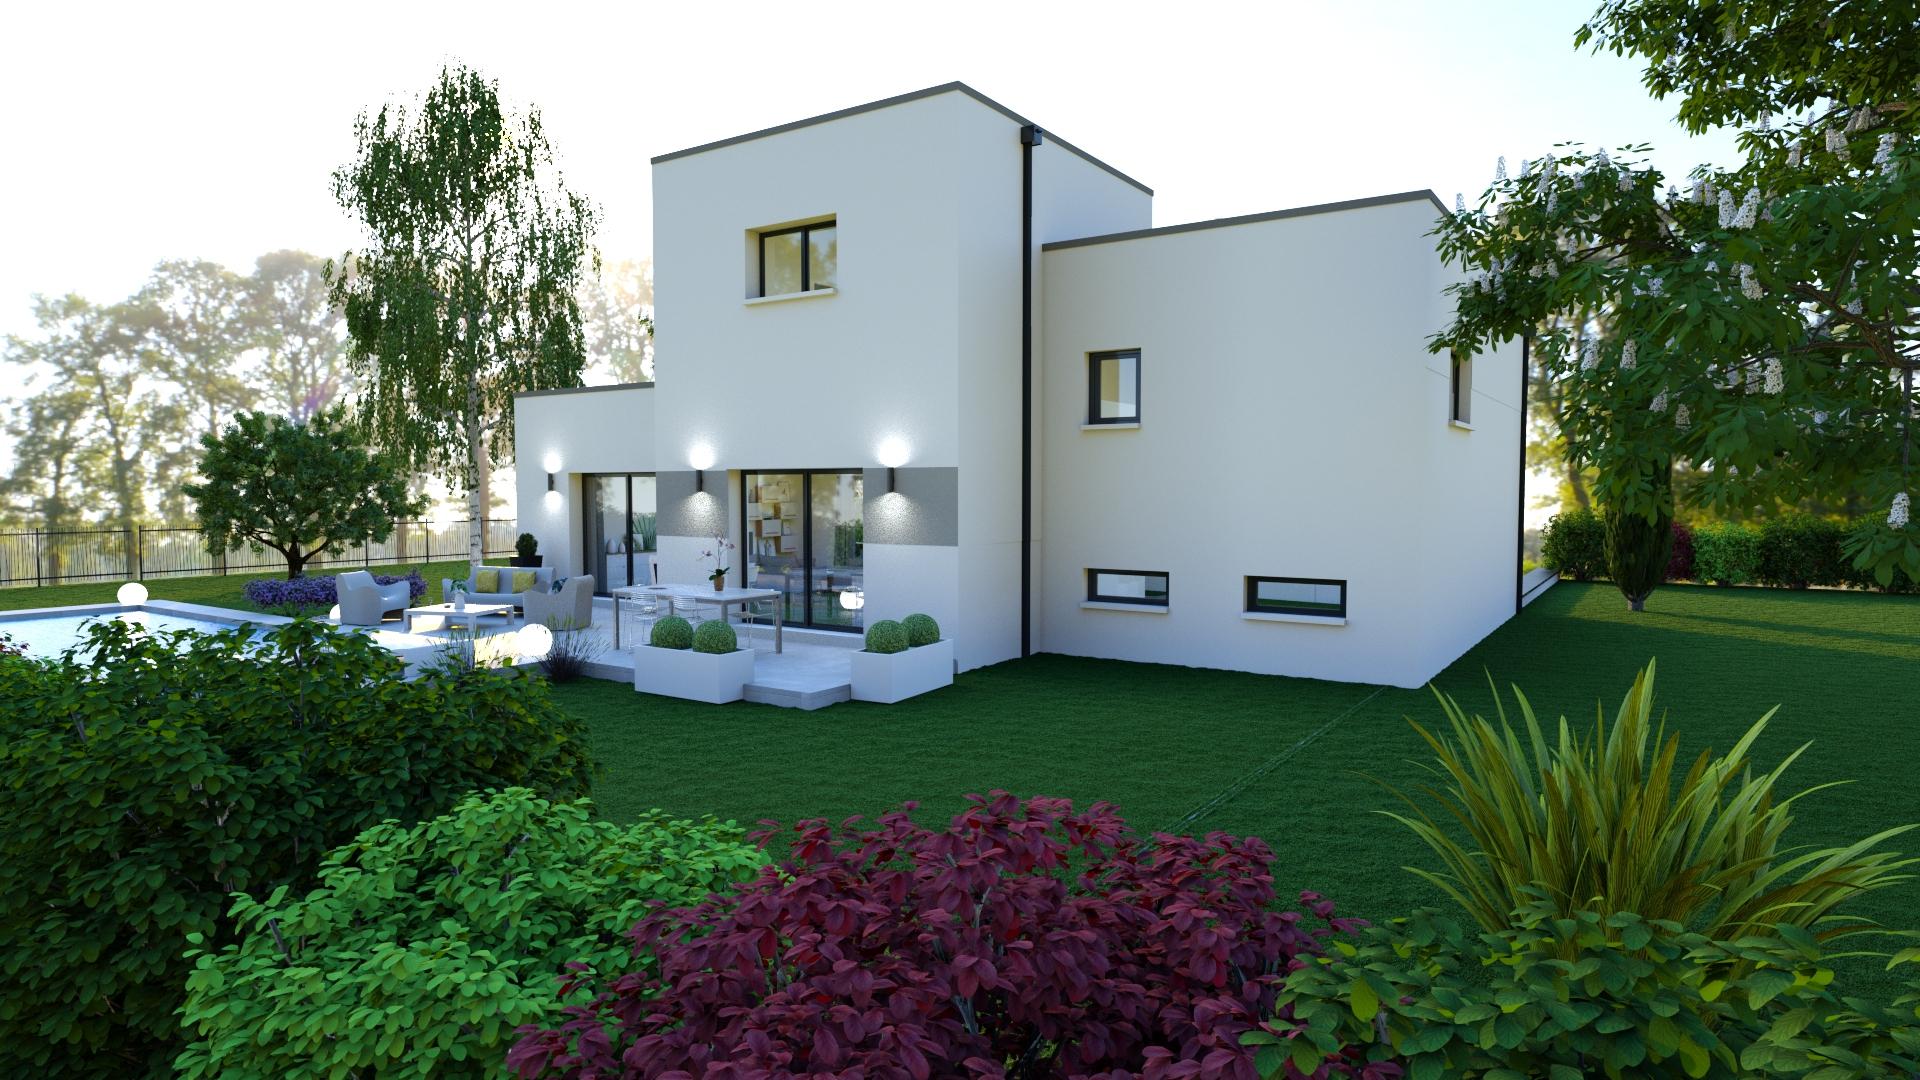 Perle, Maison Sous-Sol Avec Toiture Terrasse, 3 Chambres ... serapportantà Terrasse Toit Plat